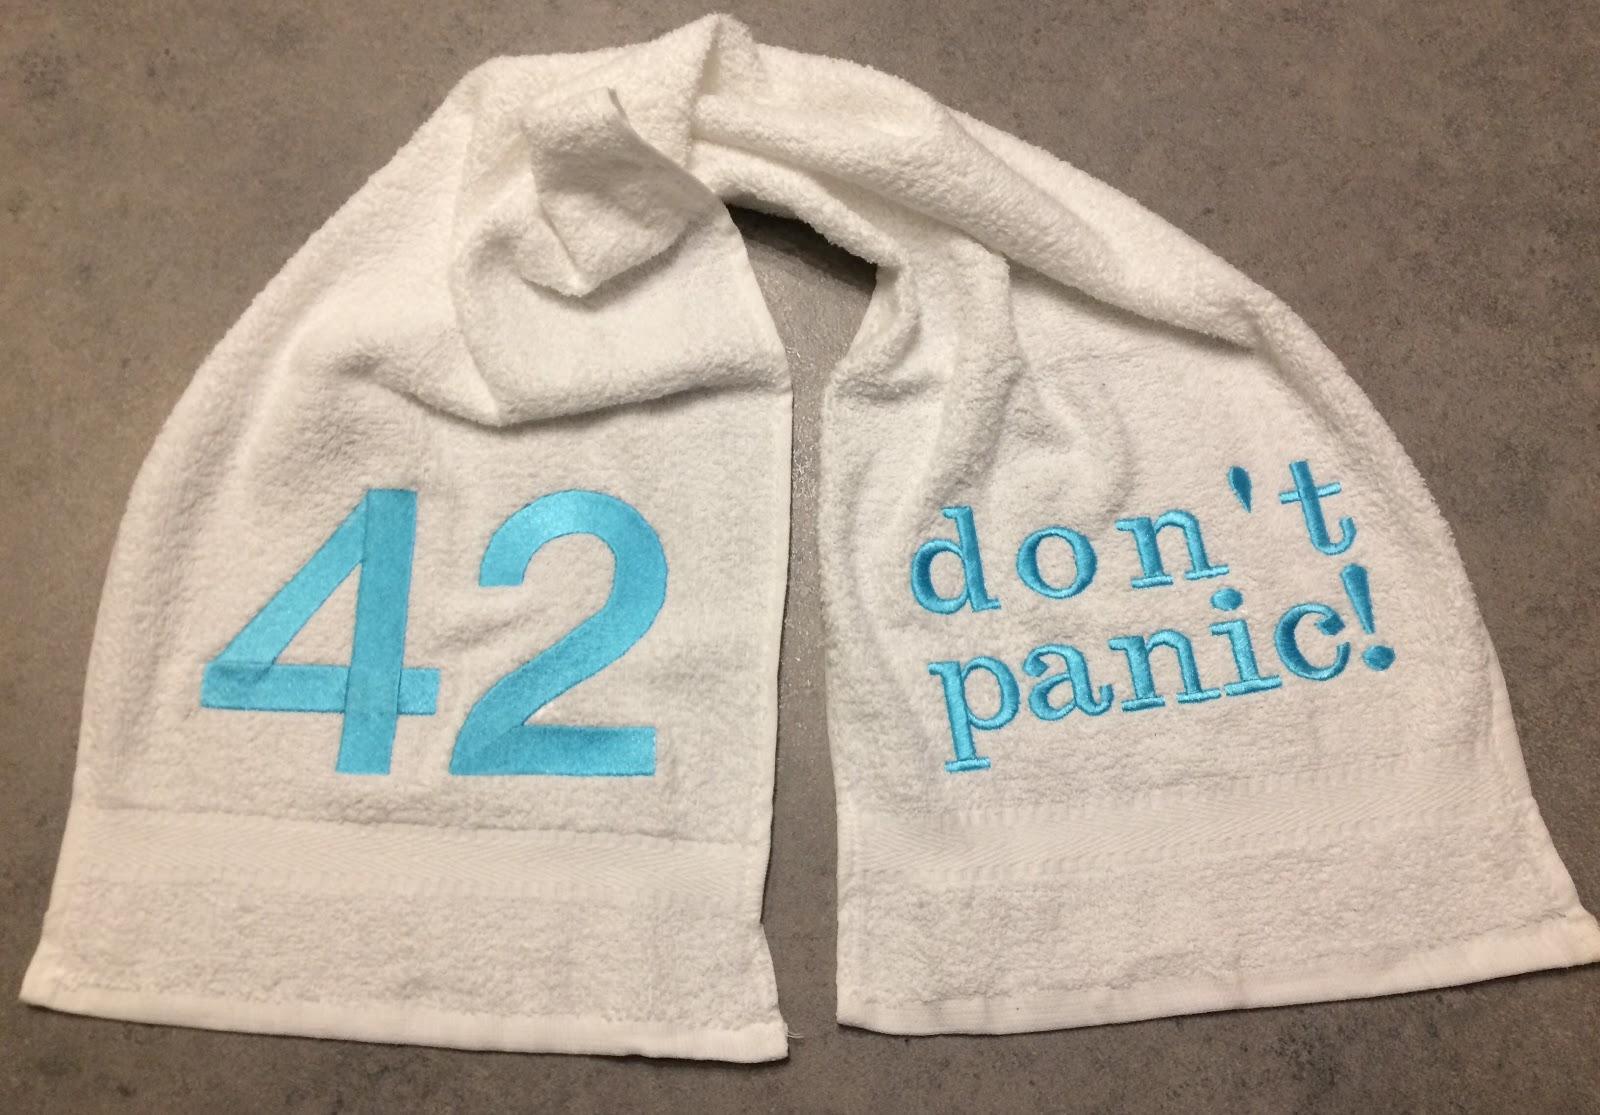 towel day handtuch kaufen